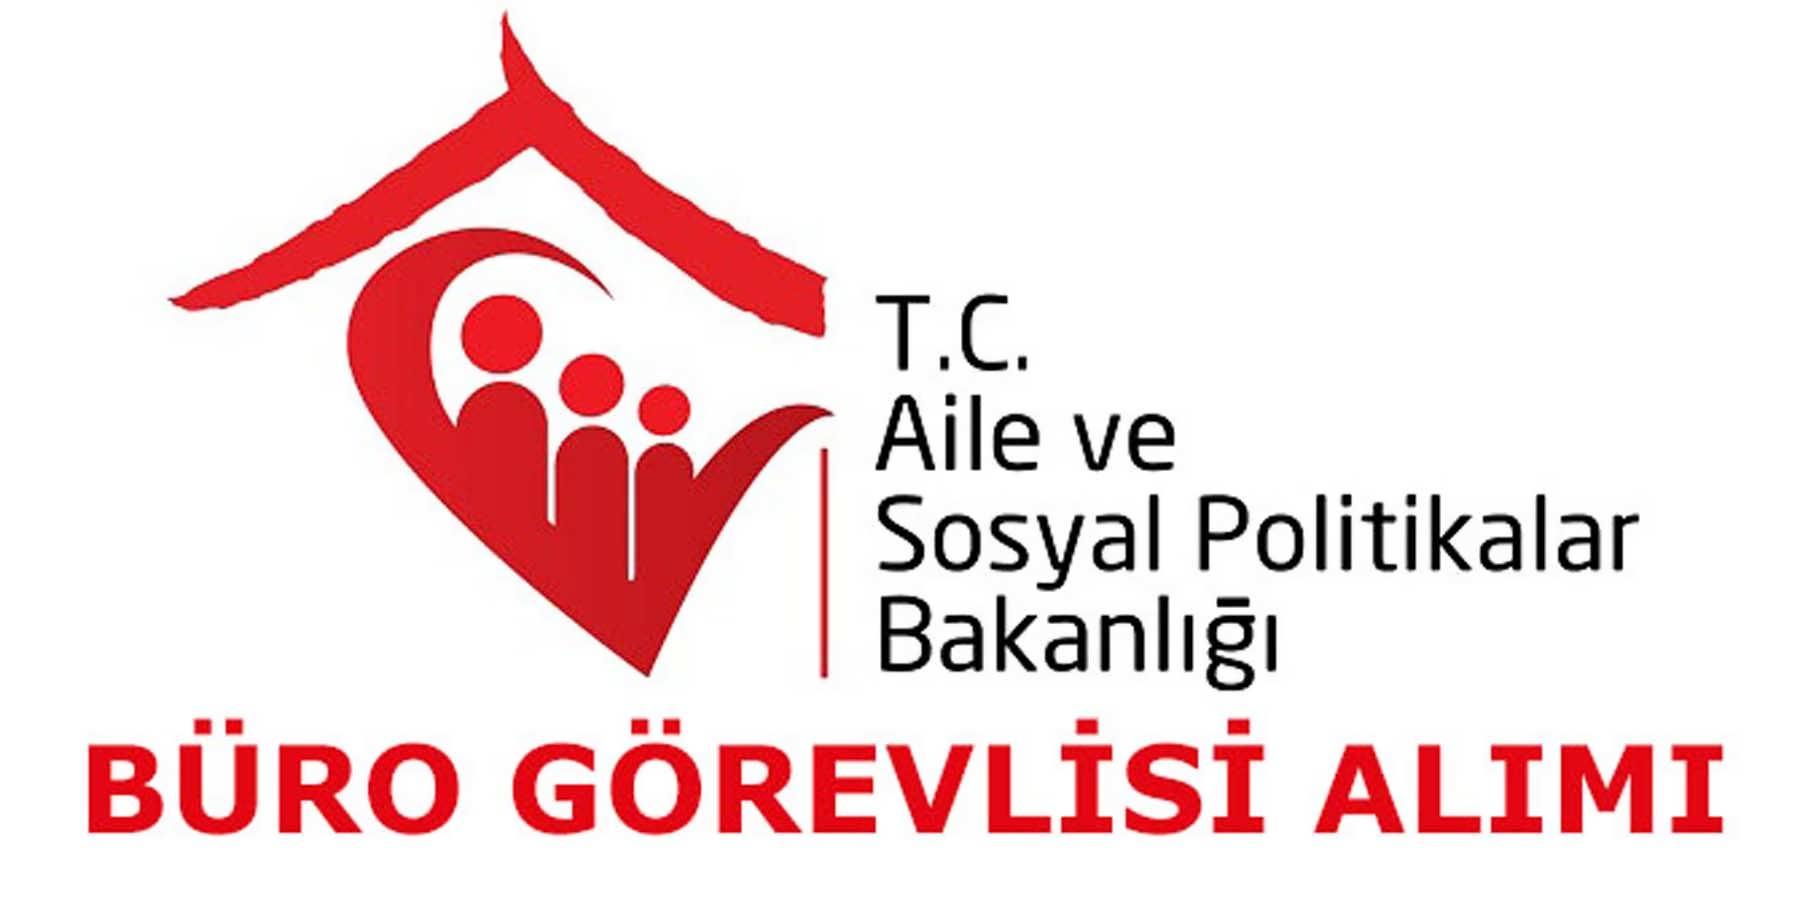 Afyon ve Yozgat KPSS 60 Puanla Büro Görevlisi Alıyor